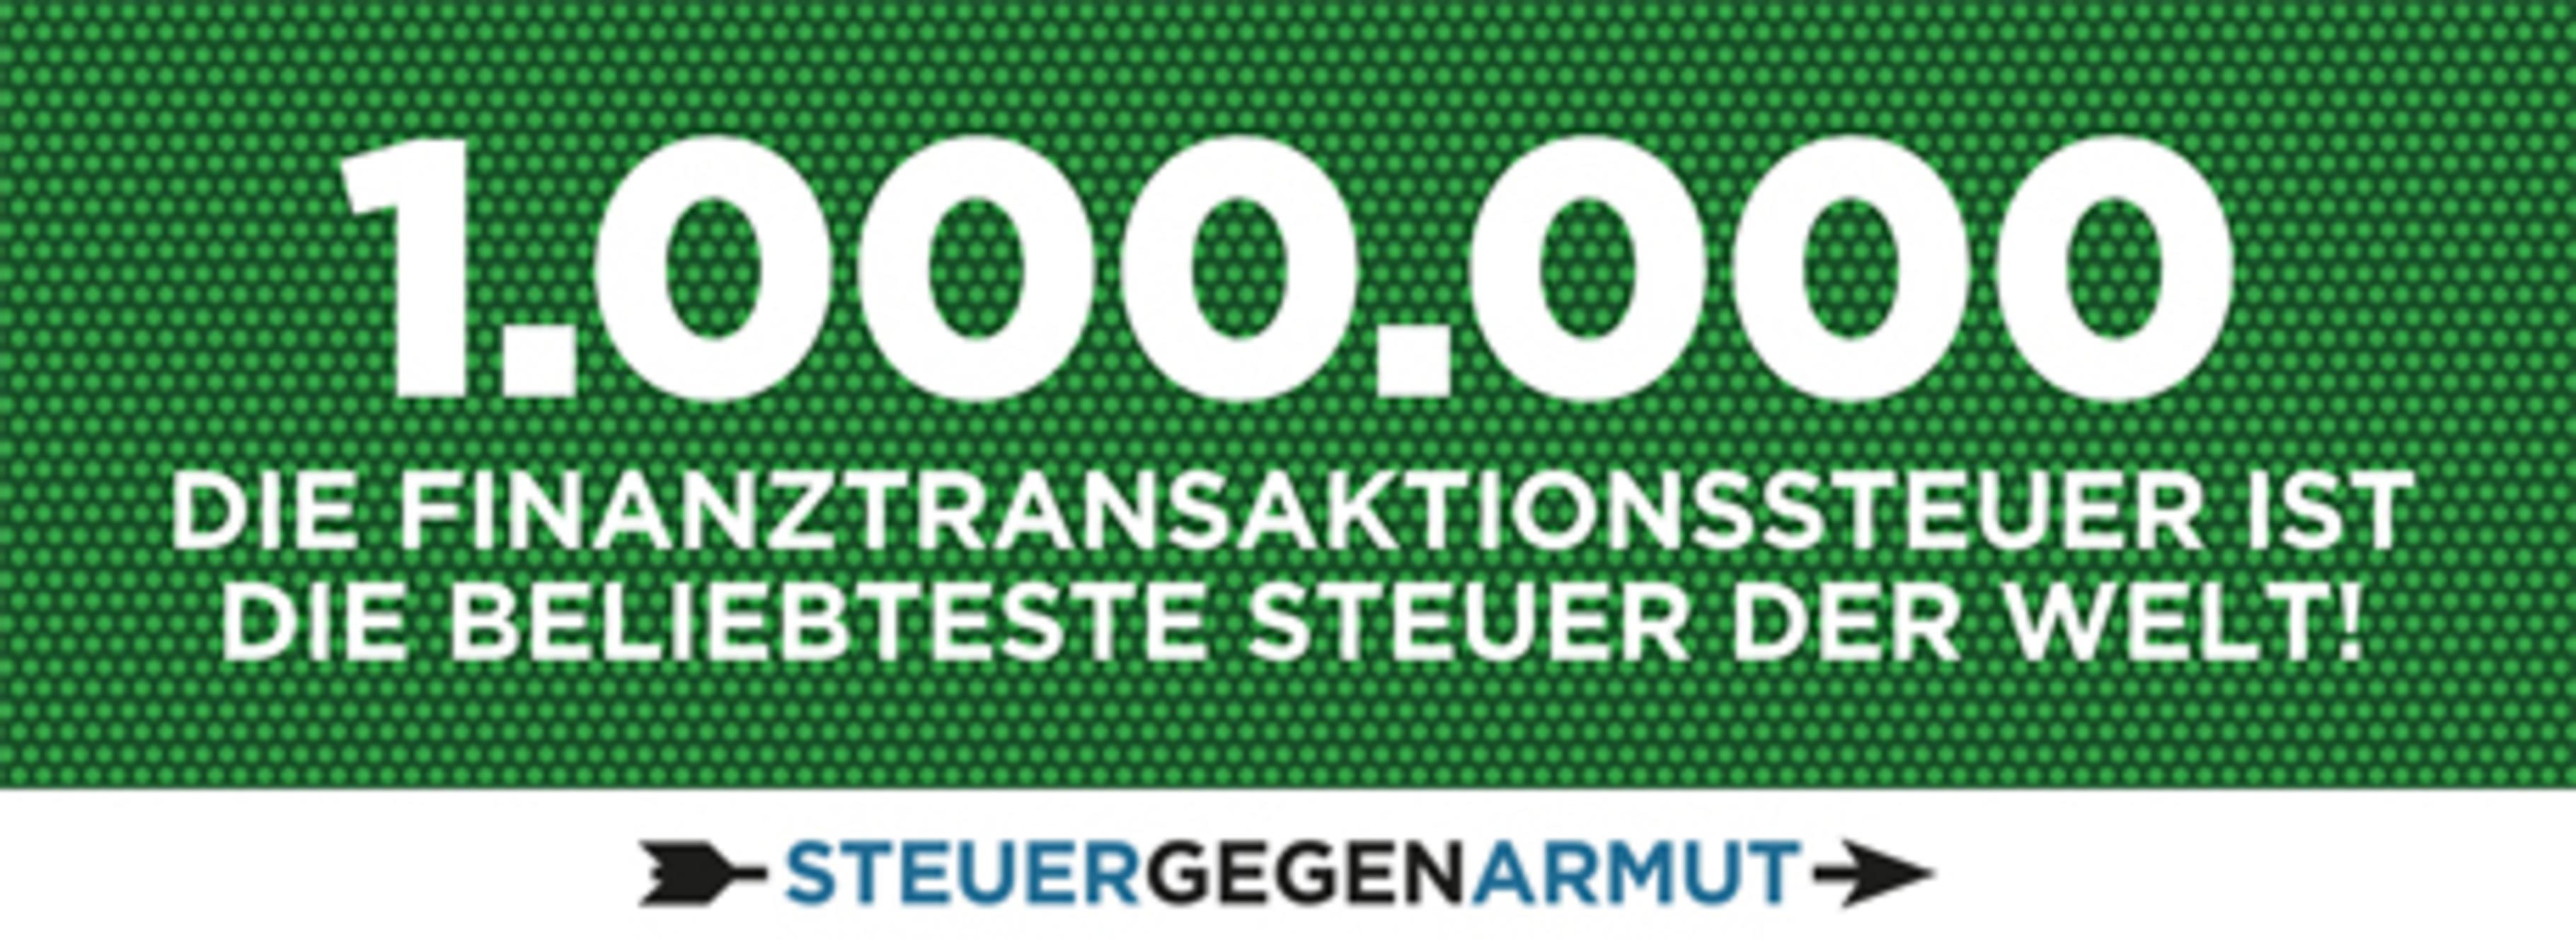 1 Million Unterschriften für die Finanztransaktionssteuer